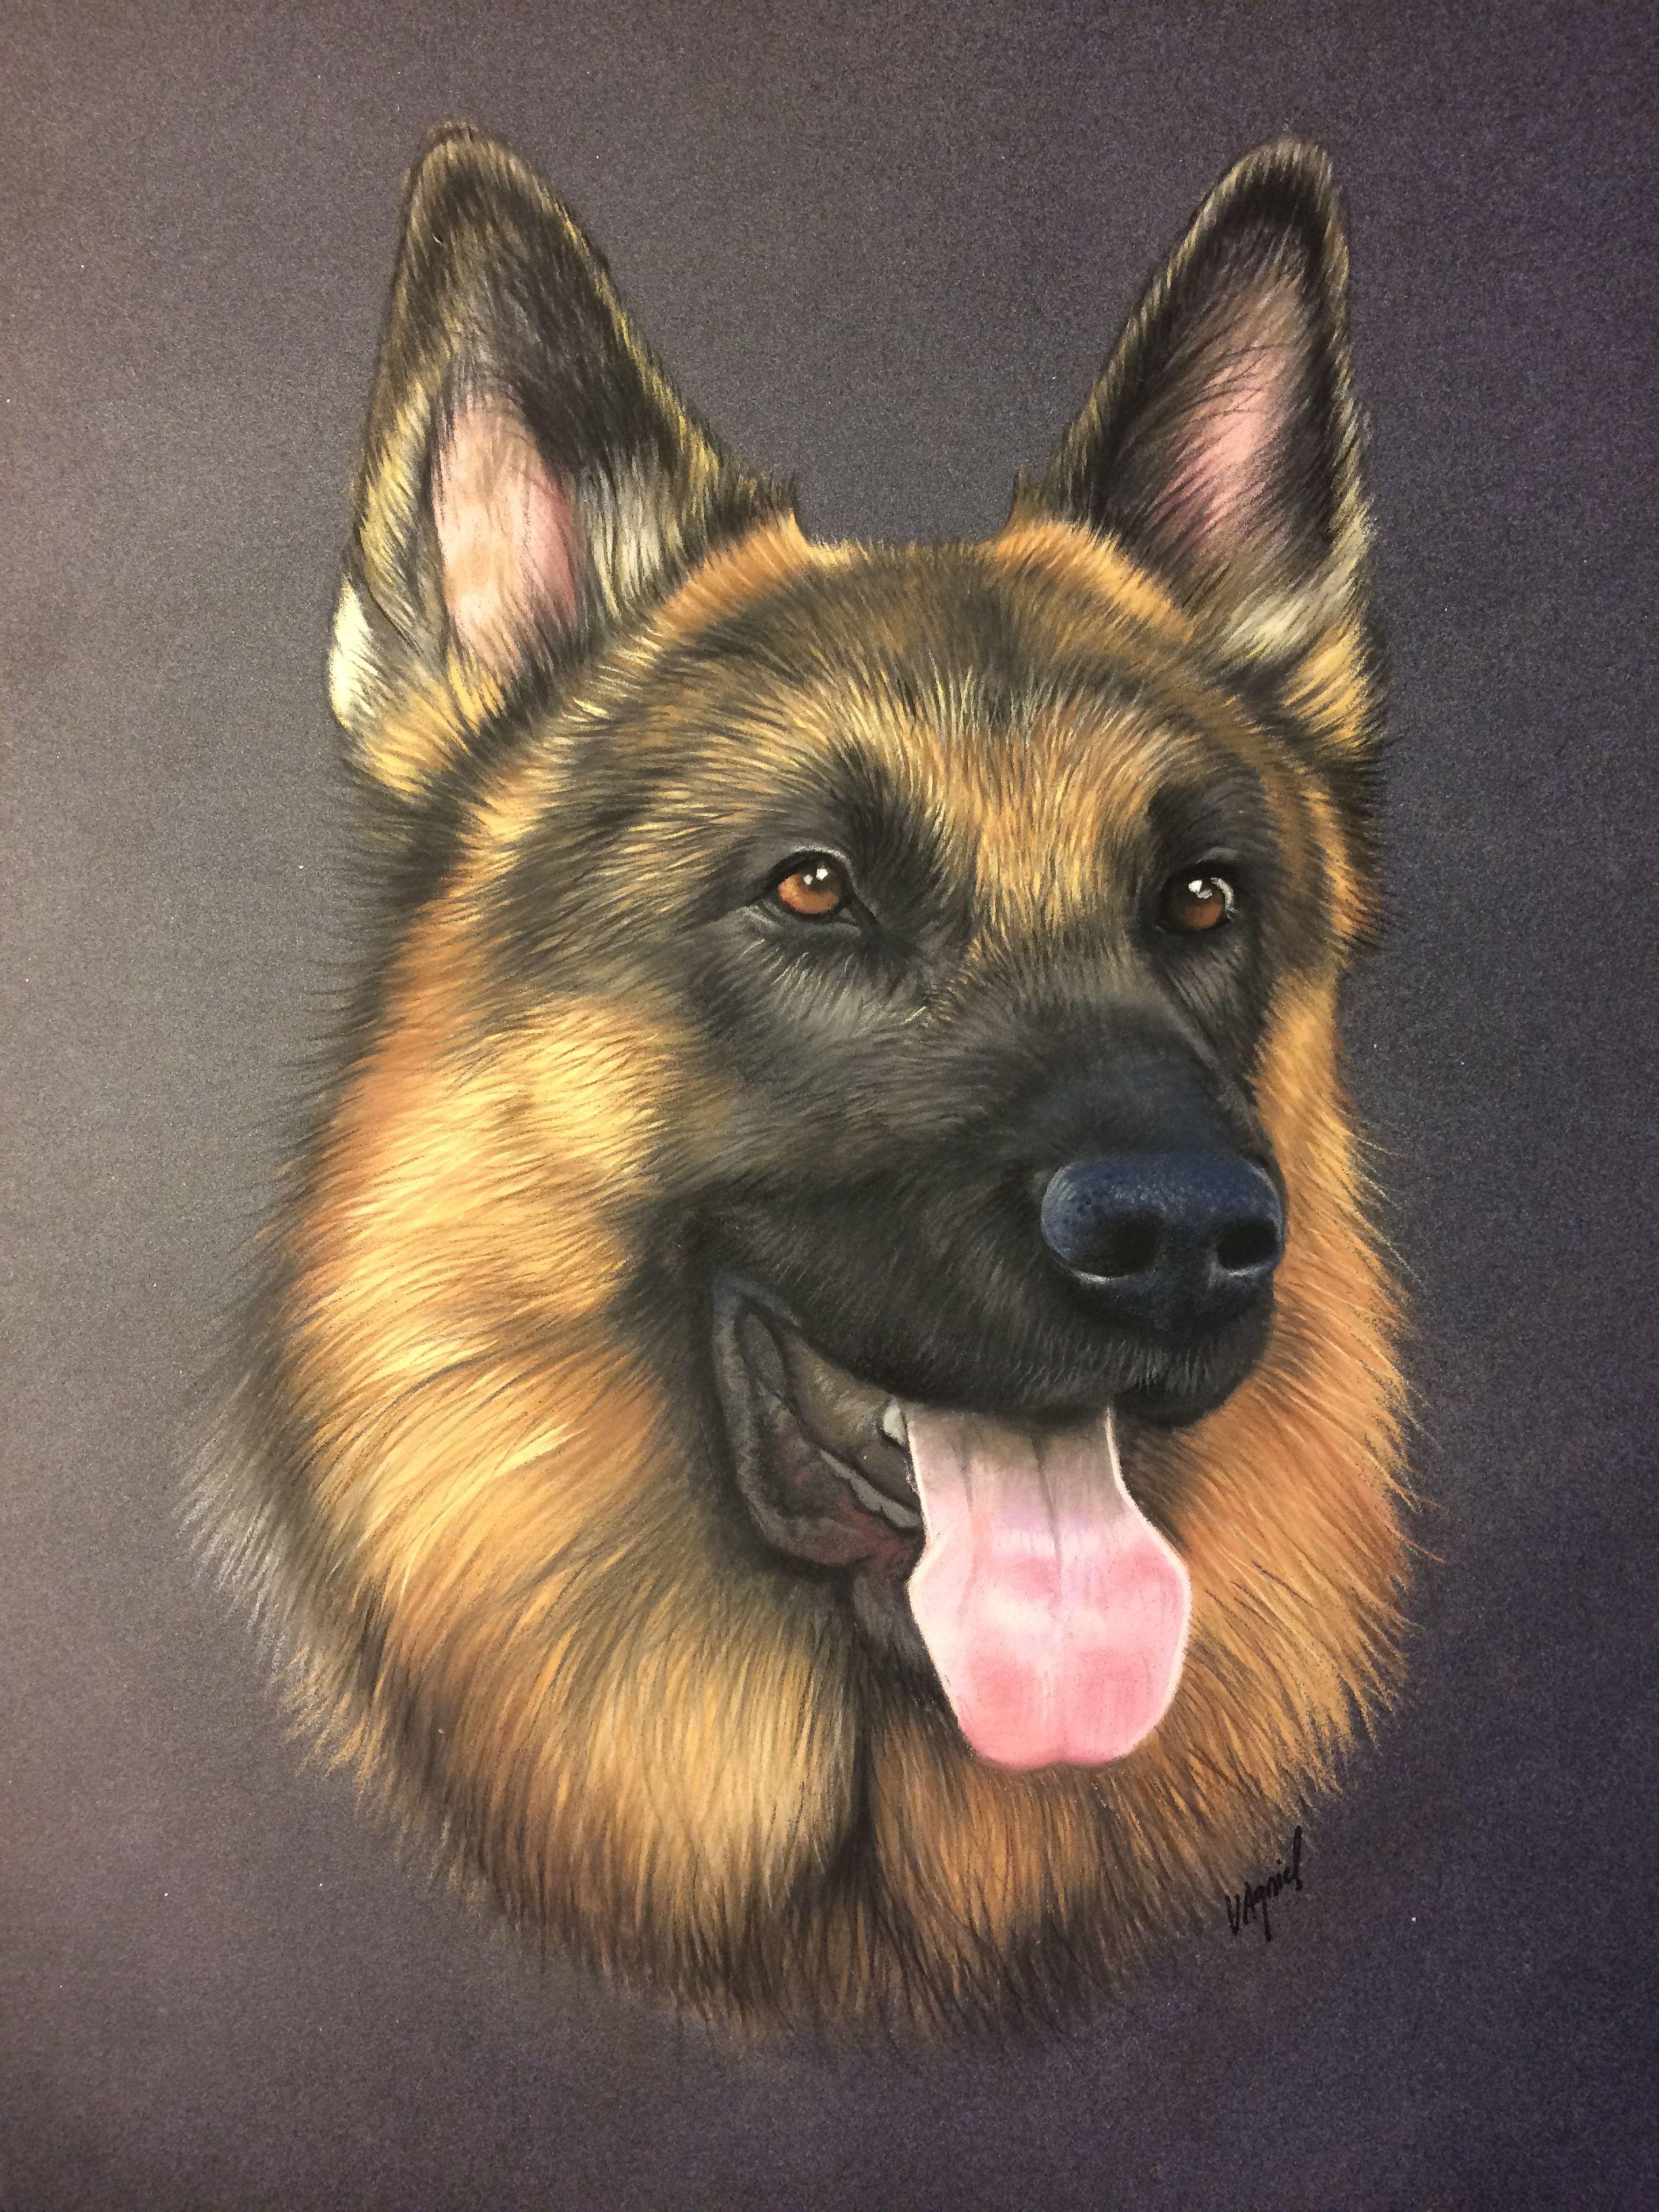 Dessin de berger allemand au pastel portrait animalier - Dessin de chien berger allemand ...